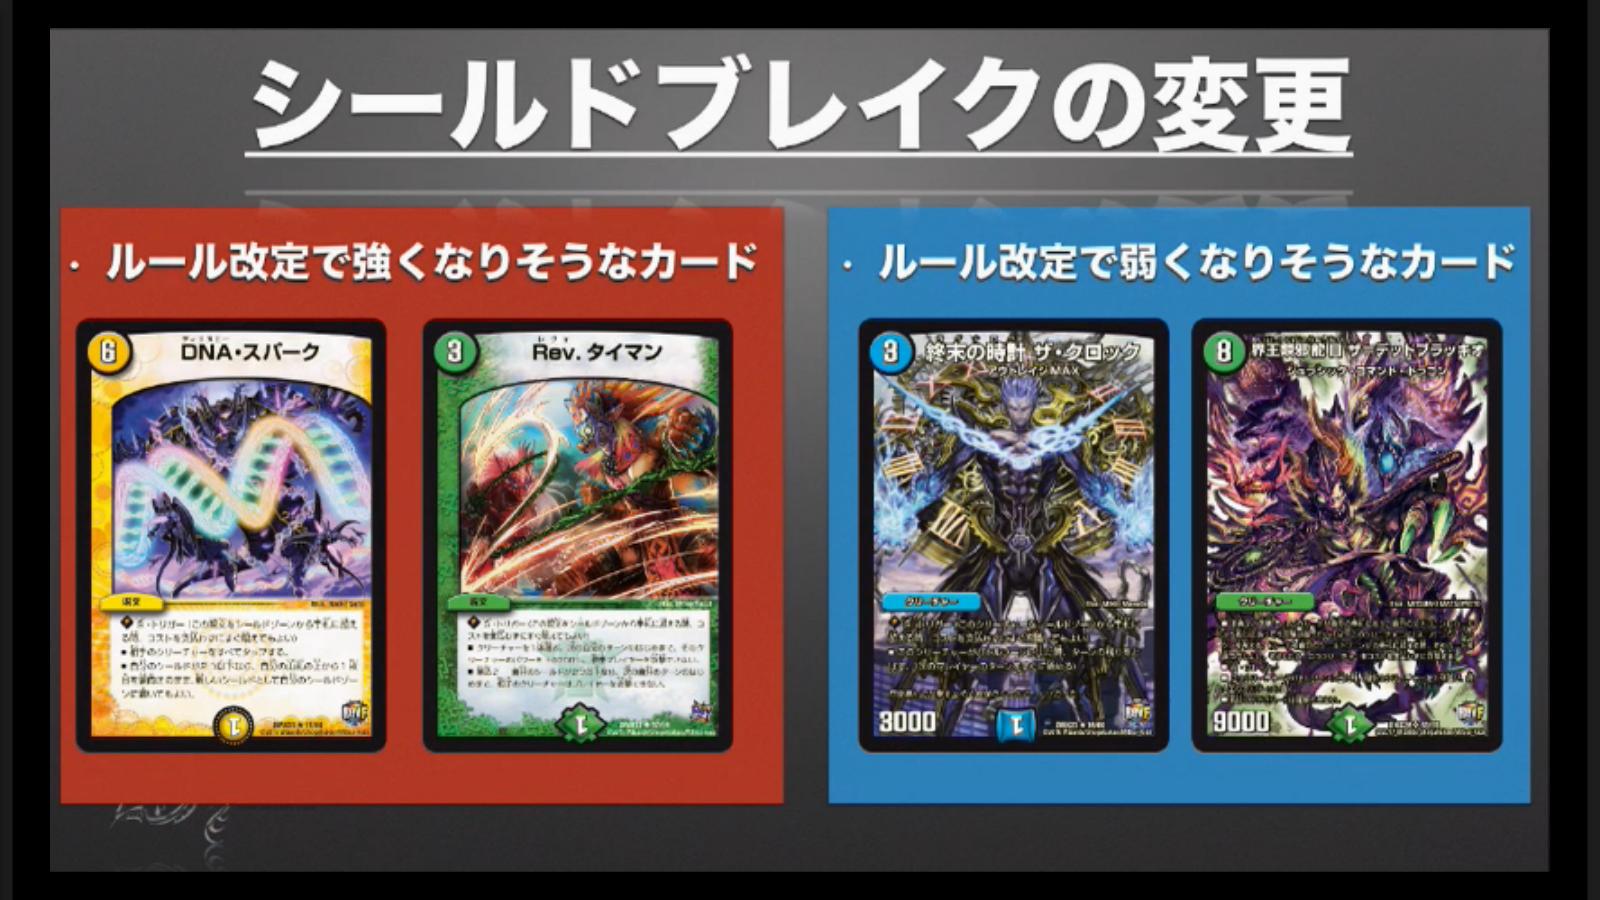 dm-kakumei-finalcup-news-170226-099.jpg